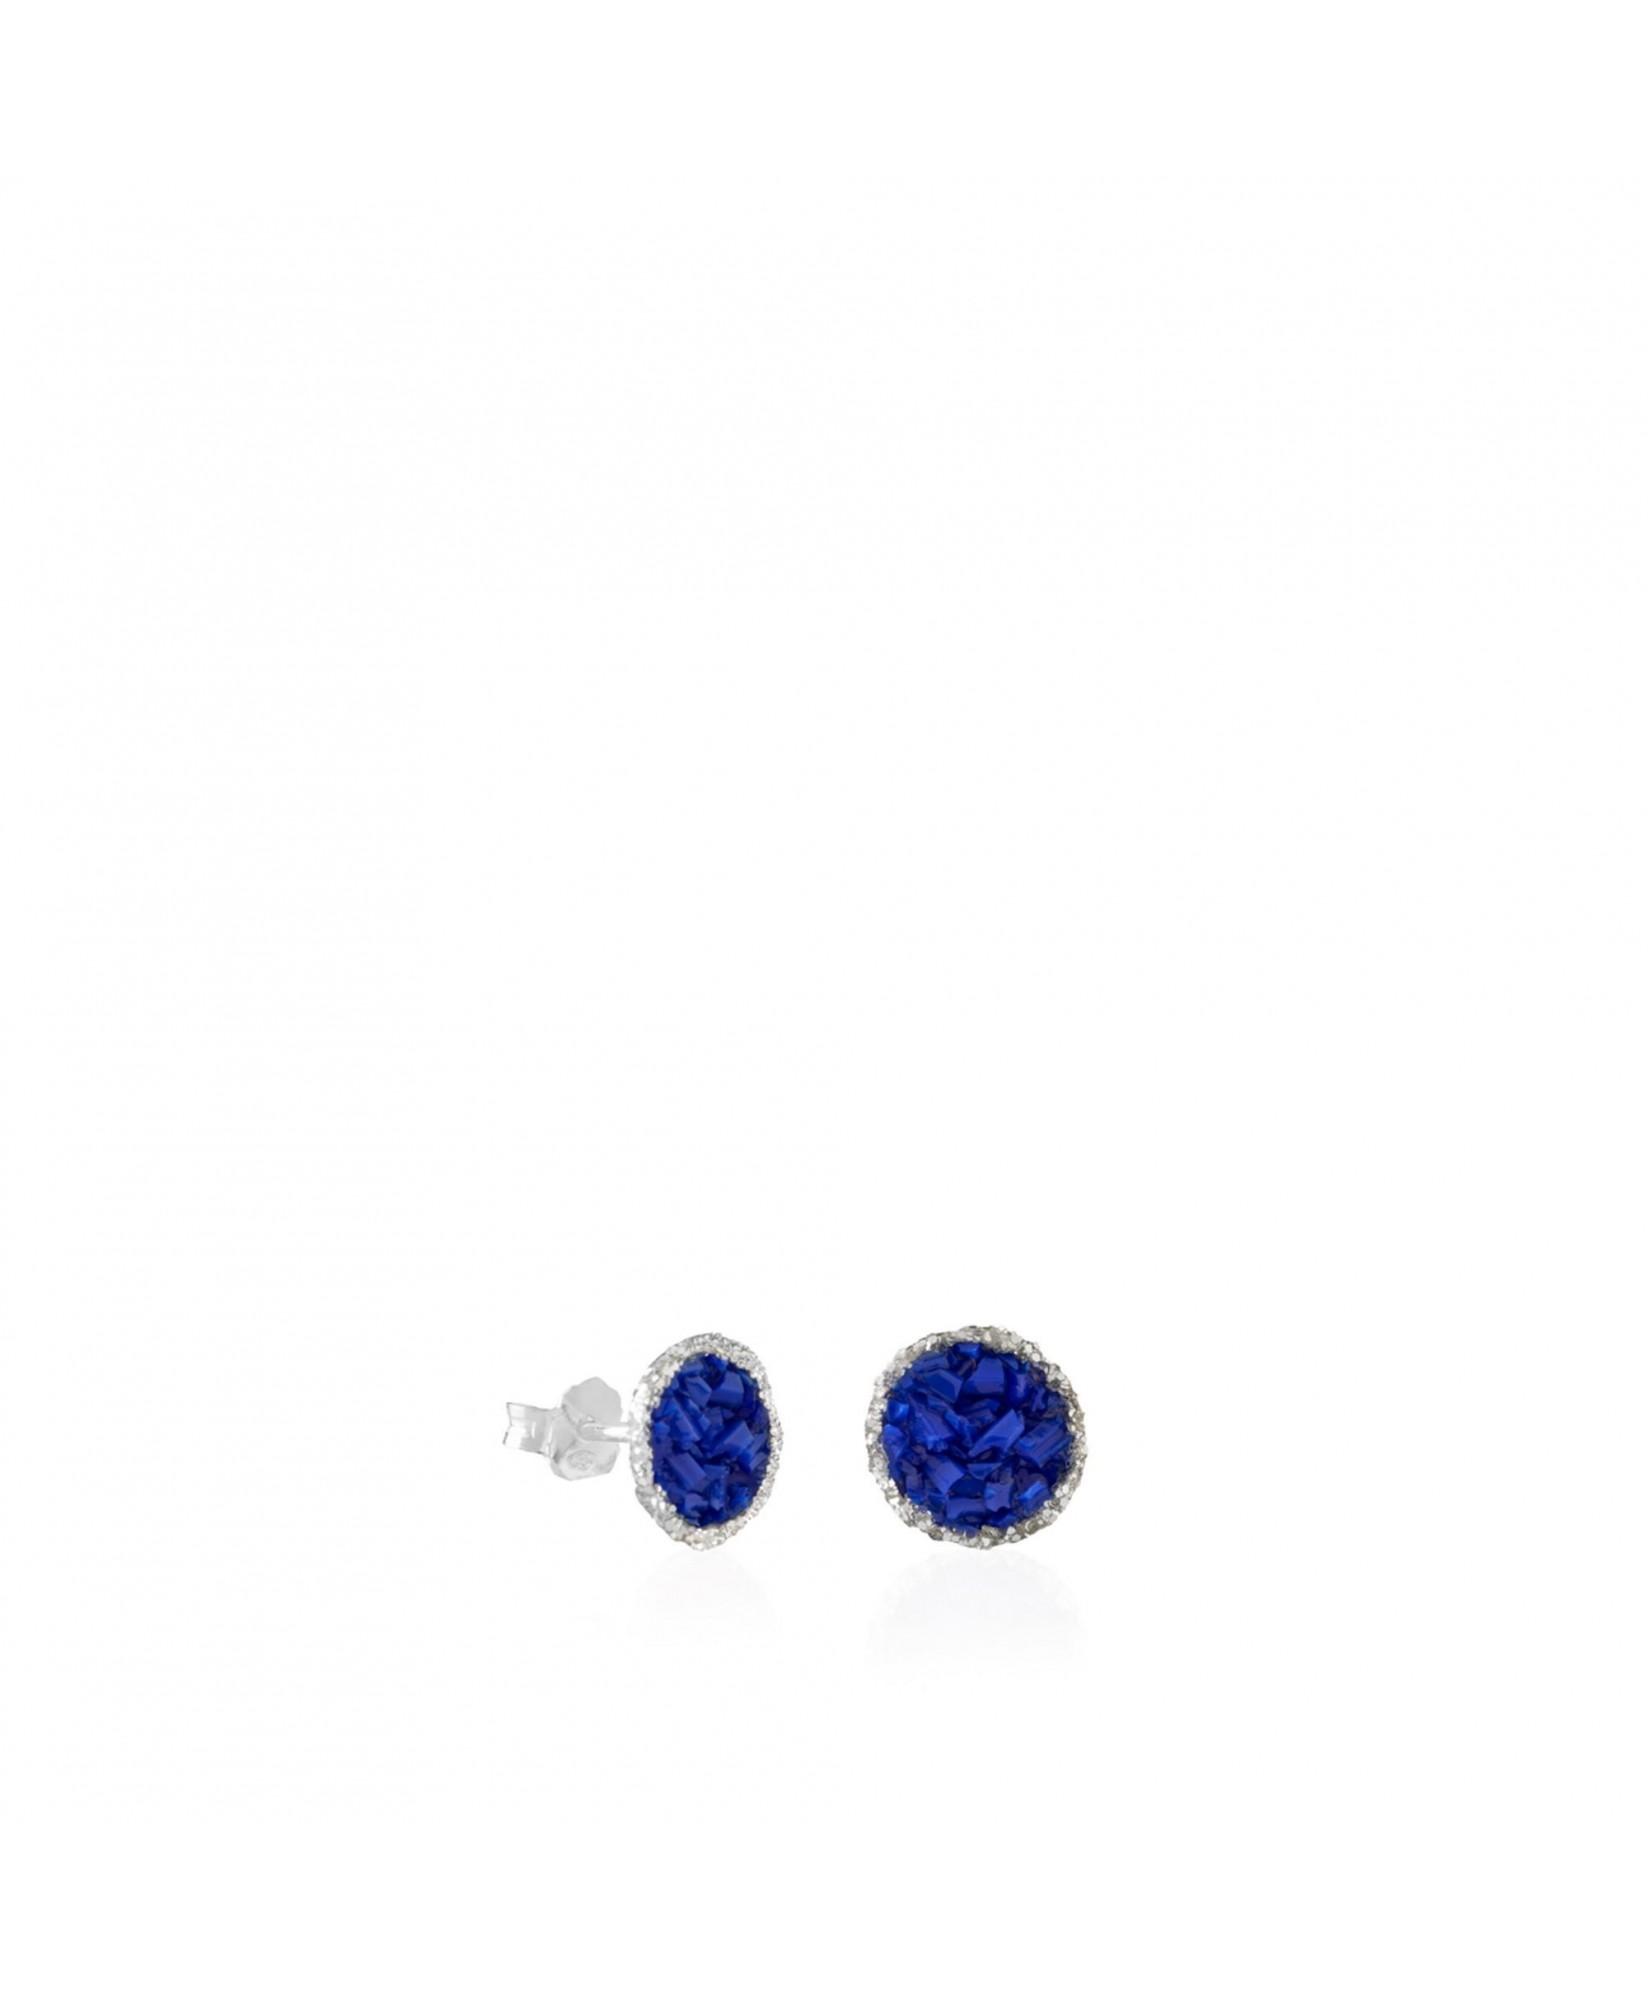 Pendientes dormilonas de plata medianos Klein con nácar azul Pendientes dormilonas de plata medianos Klein con nácar azul